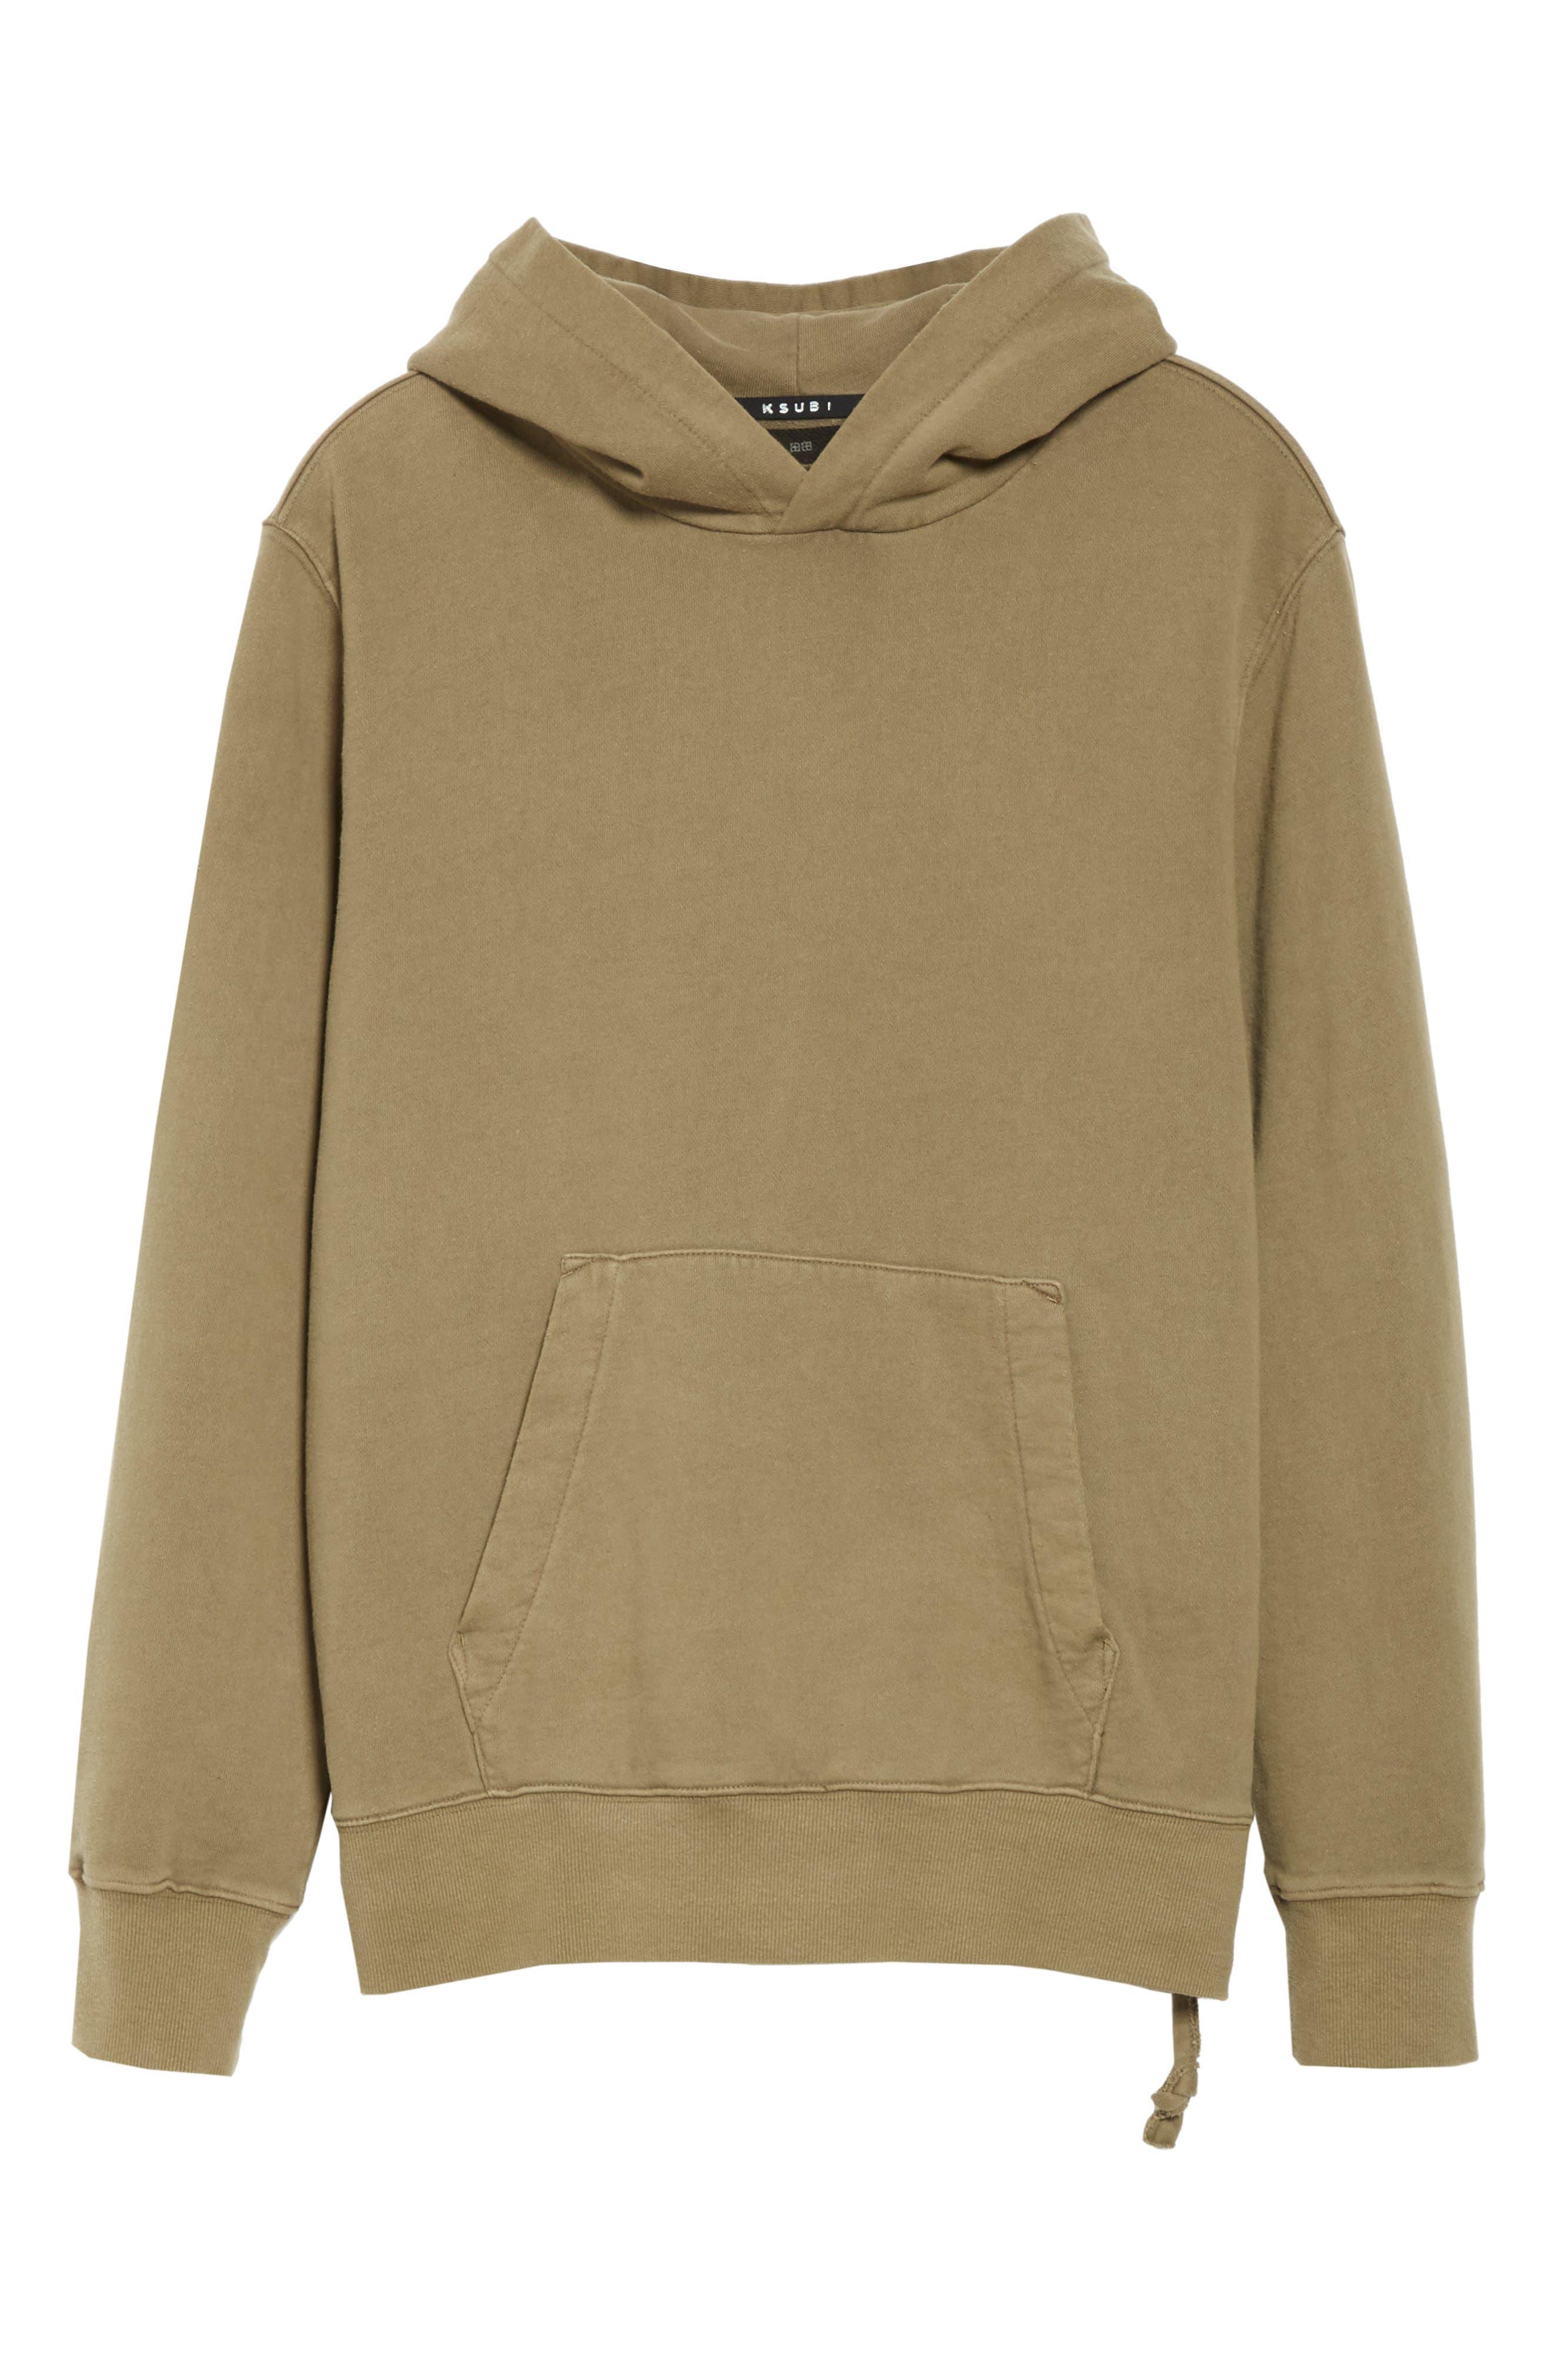 KSUBI, Seeing Lines Hooded Sweatshirt, Alternate thumbnail 6, color, BEIGE